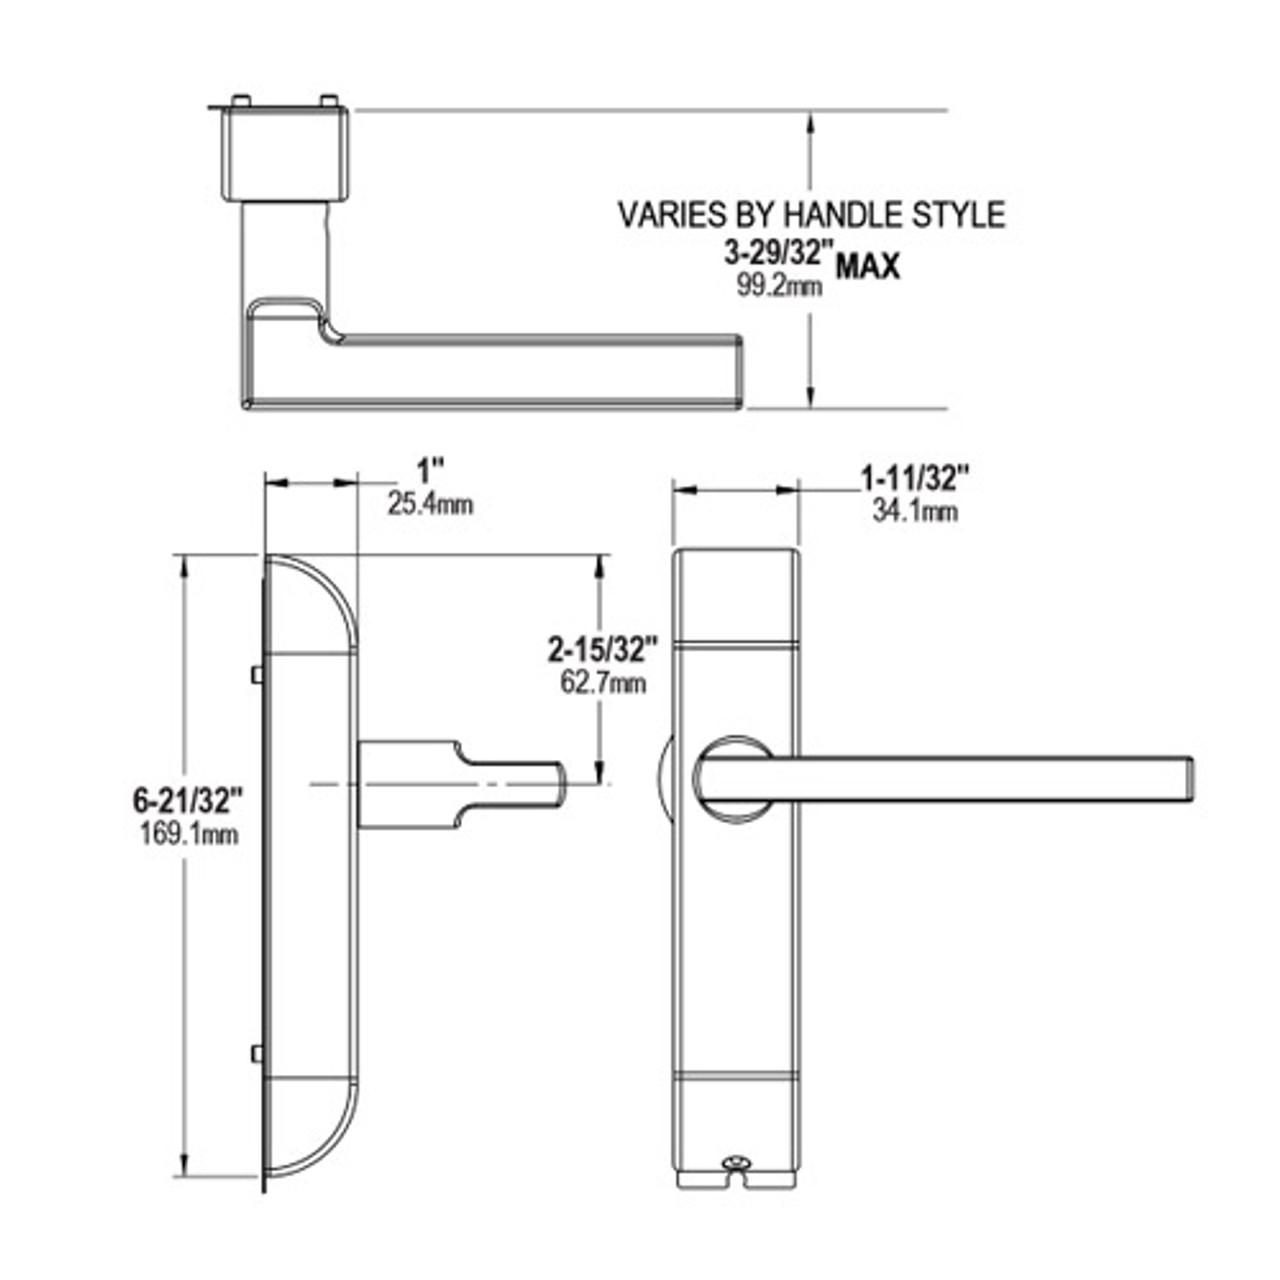 4600-ME-632-US4 Adams Rite ME Designer handle Dimensional View